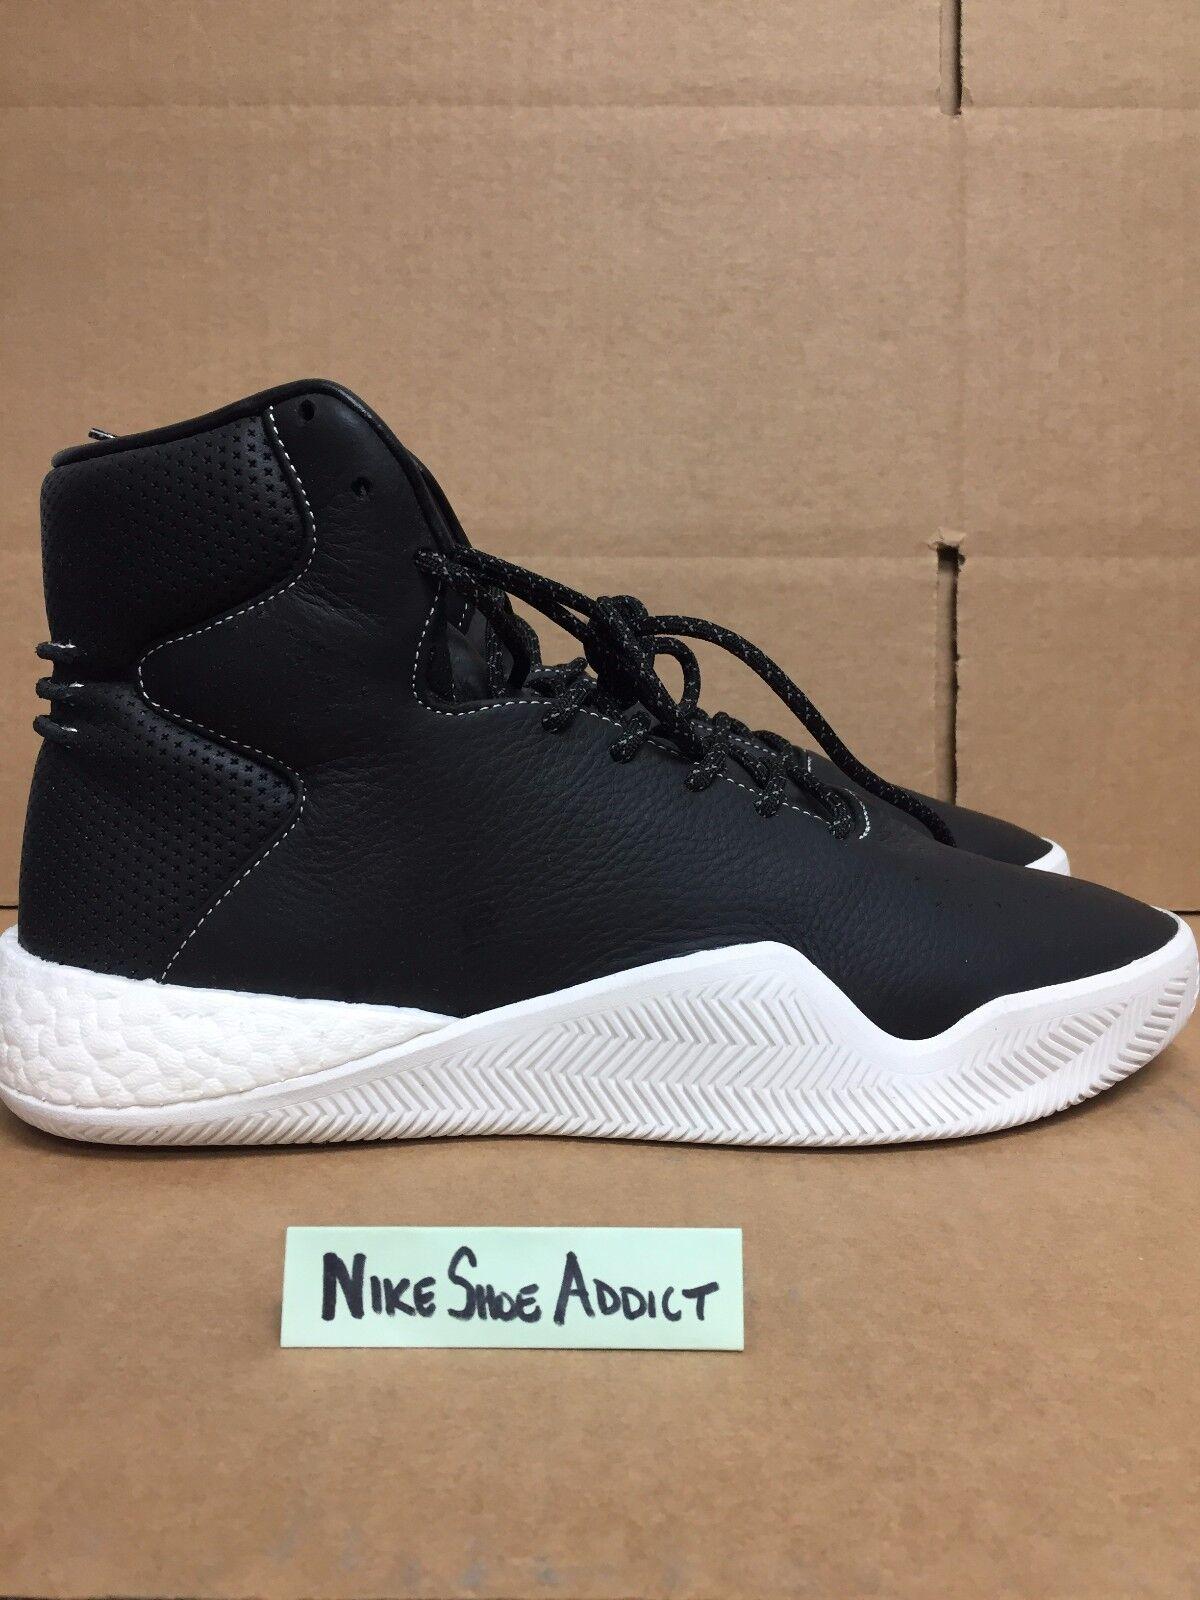 adidas tubuläre weiß instinkt durch schwarz / weiß tubuläre bb8401 superhirn nmd ultra - mens schuhe 83de80